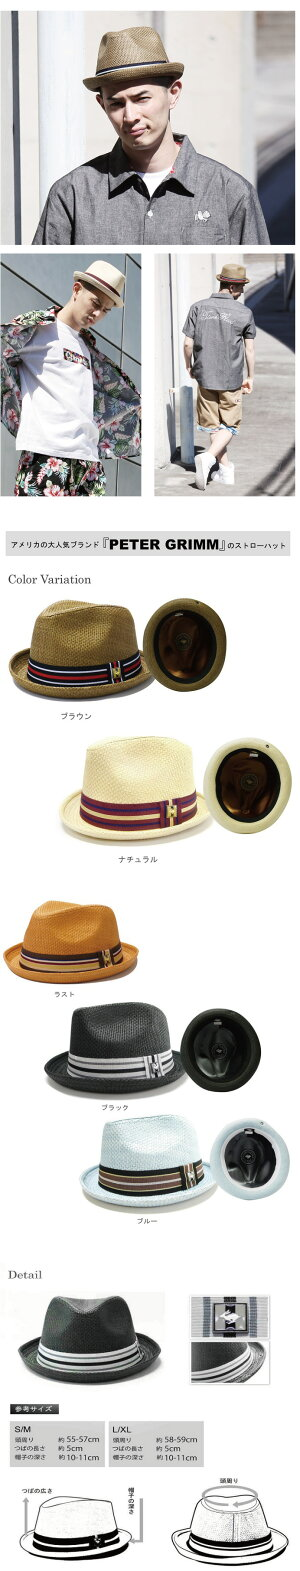 PETERGRIMMHAT【Depp】【全5色】ピーターグリムハットリボン中折れハット帽子メンズレディース男女兼用